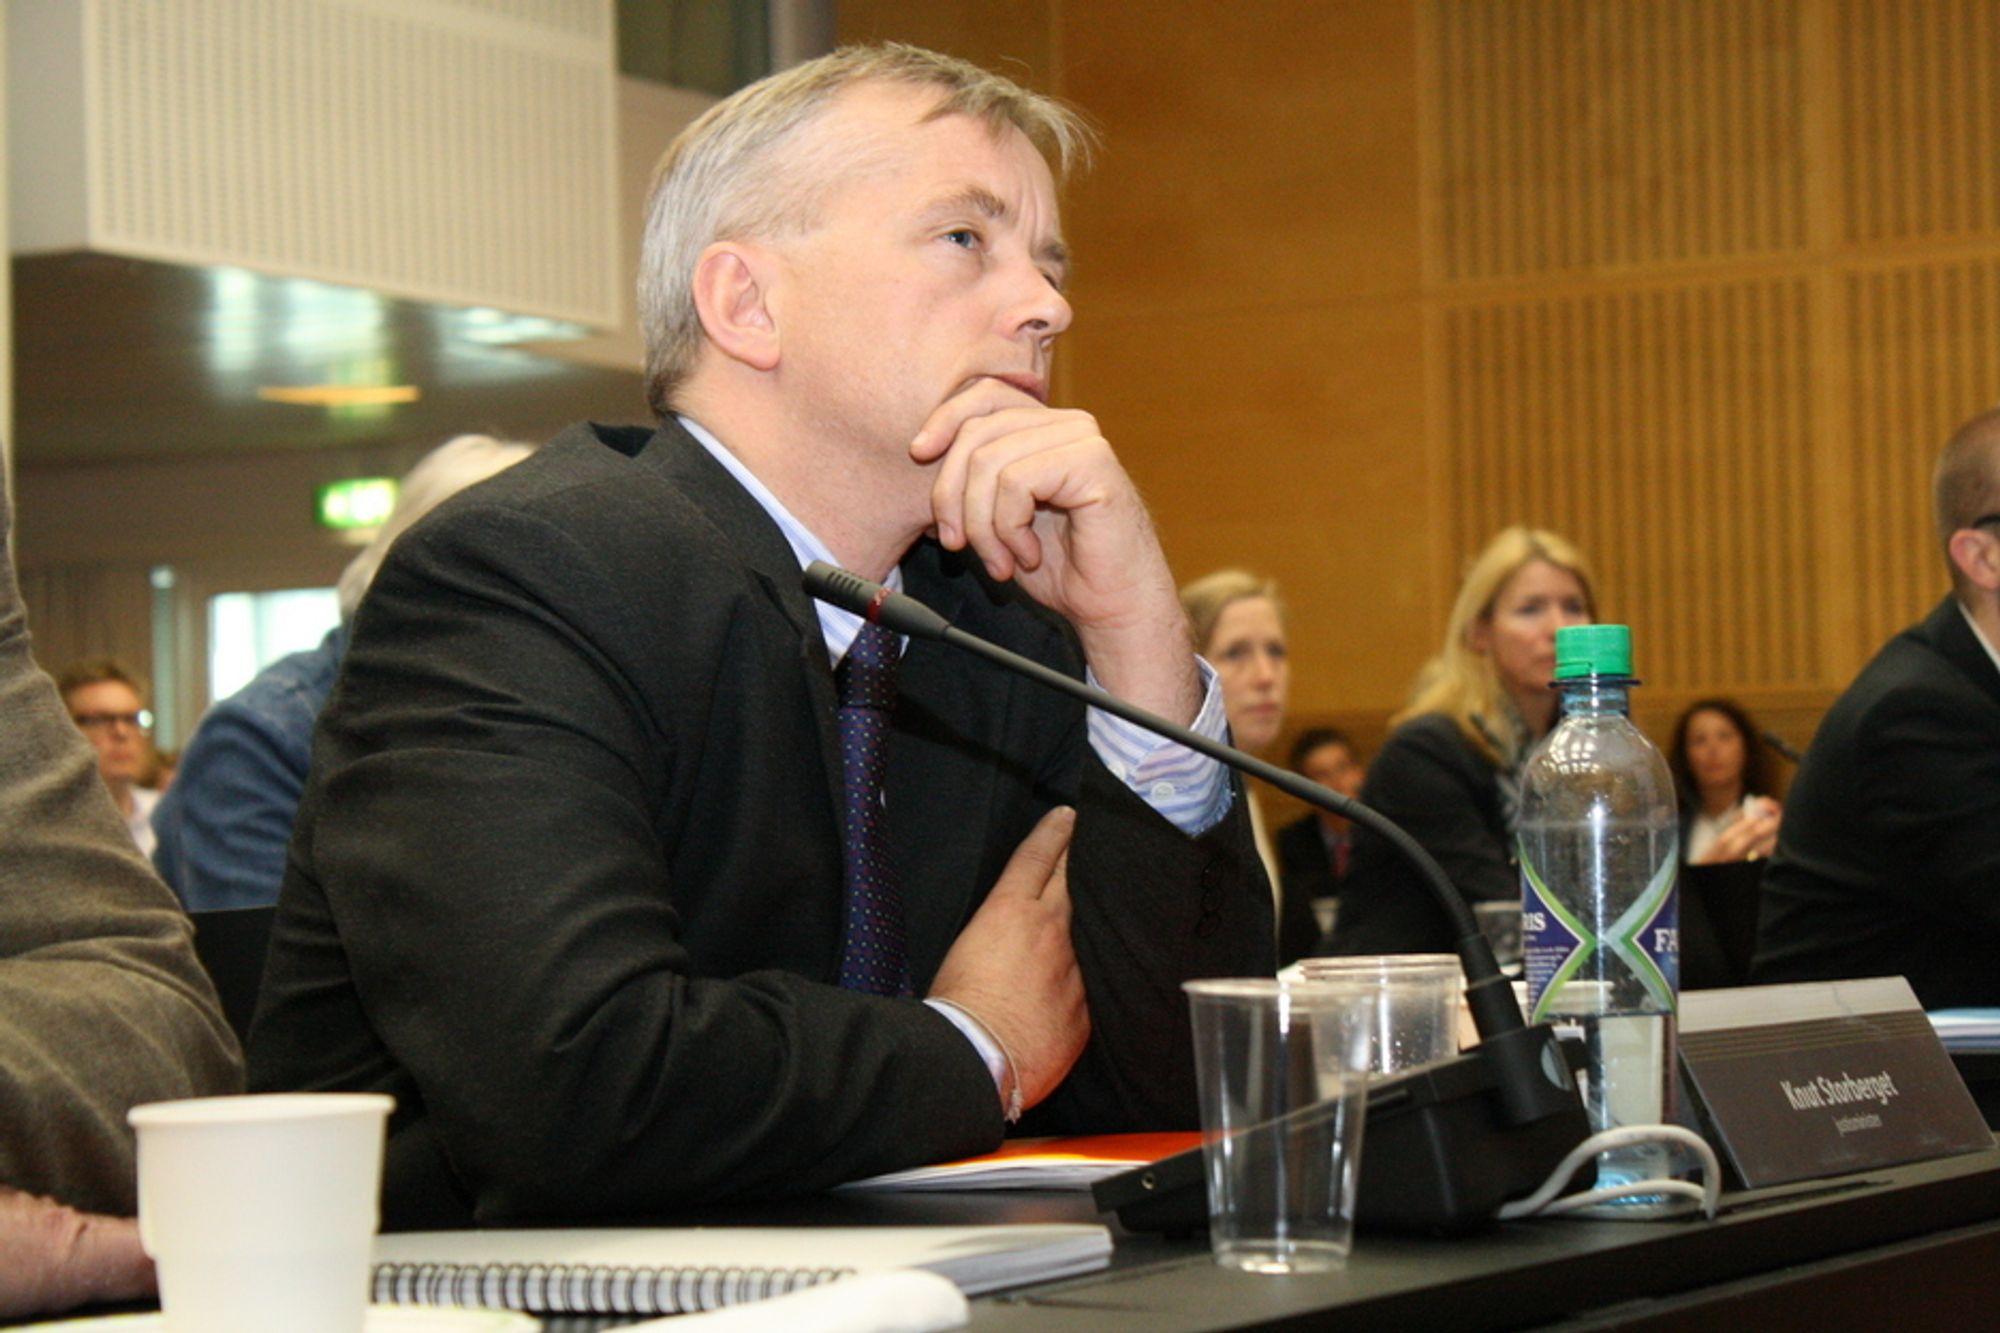 ER PÅ GLI: Justisminister Knut Storberget presses kraftig av Kripos, PST og Politidirektoratet for å gjøre Datalagringsdirektivets trafikkdata lettere tilgjengelig for politiet.